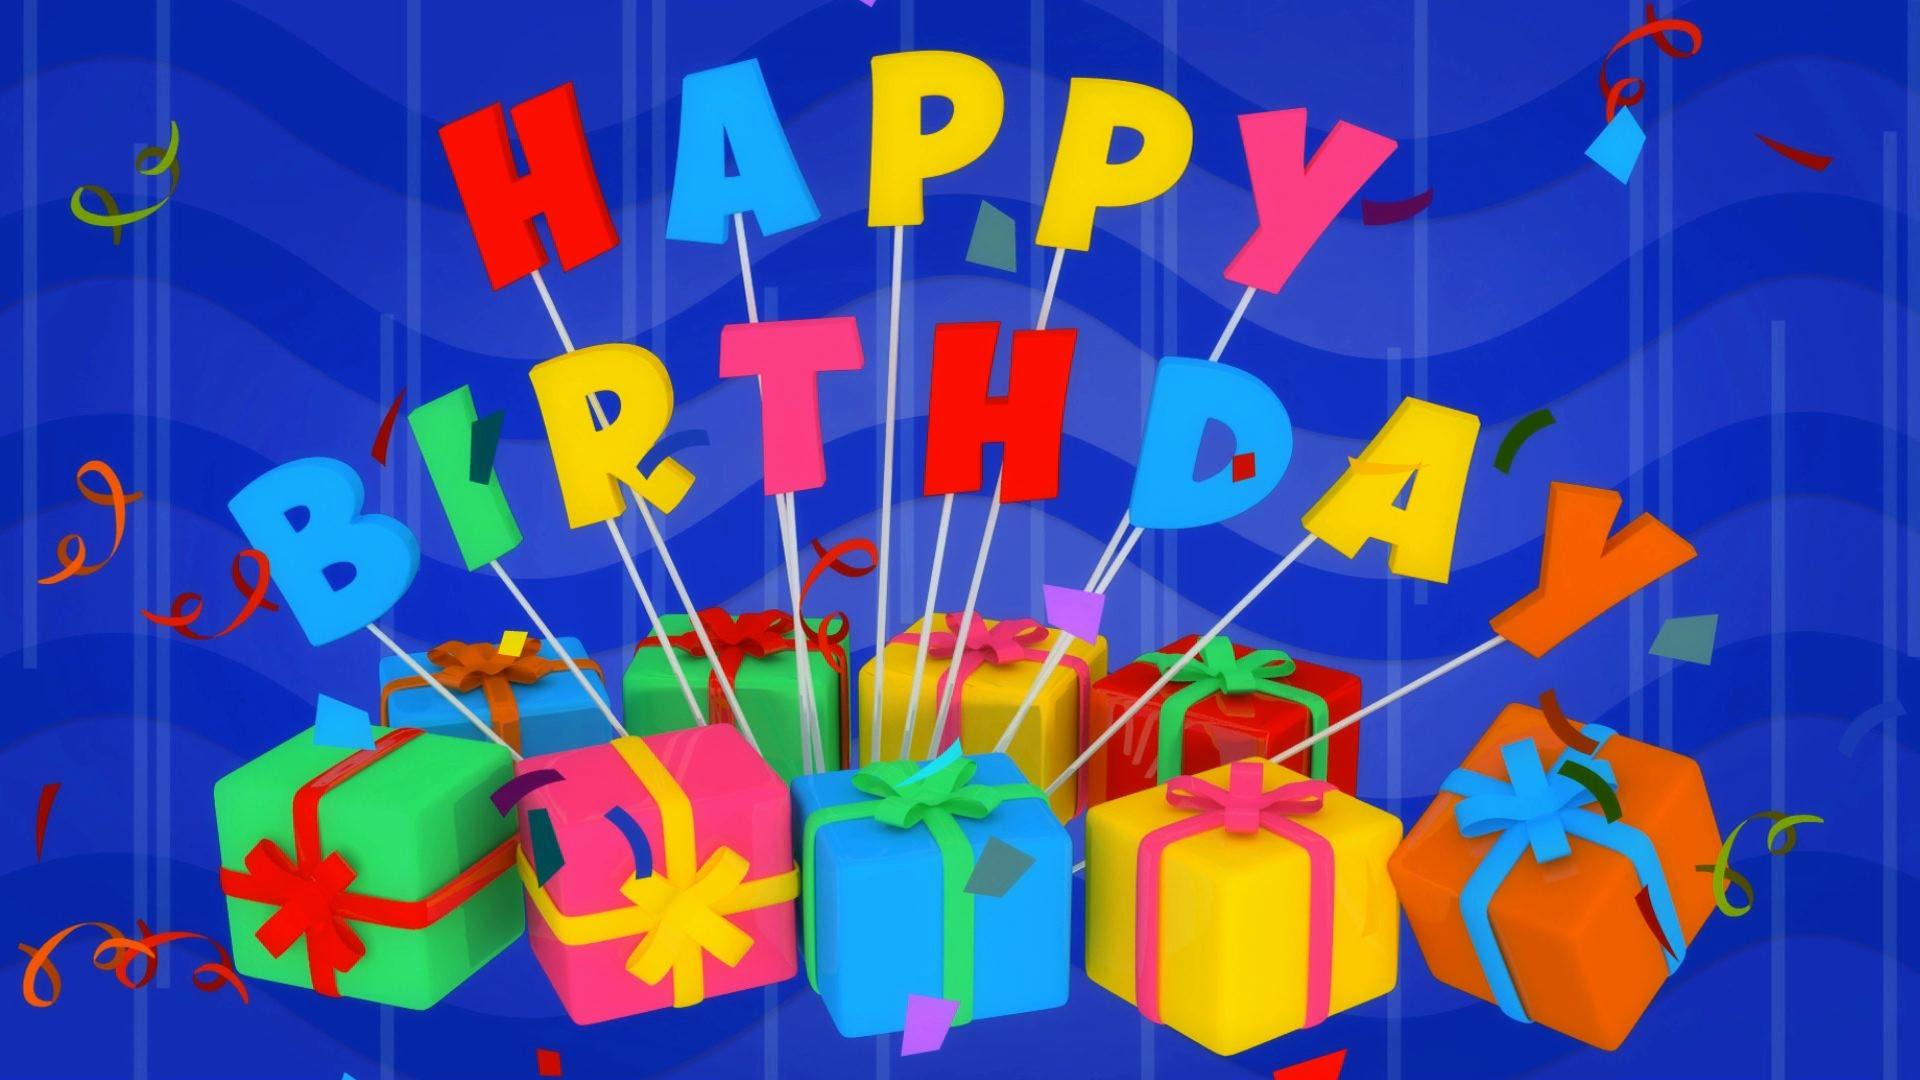 С Днем Рождения HD картинки и обои на рабочий стол 39